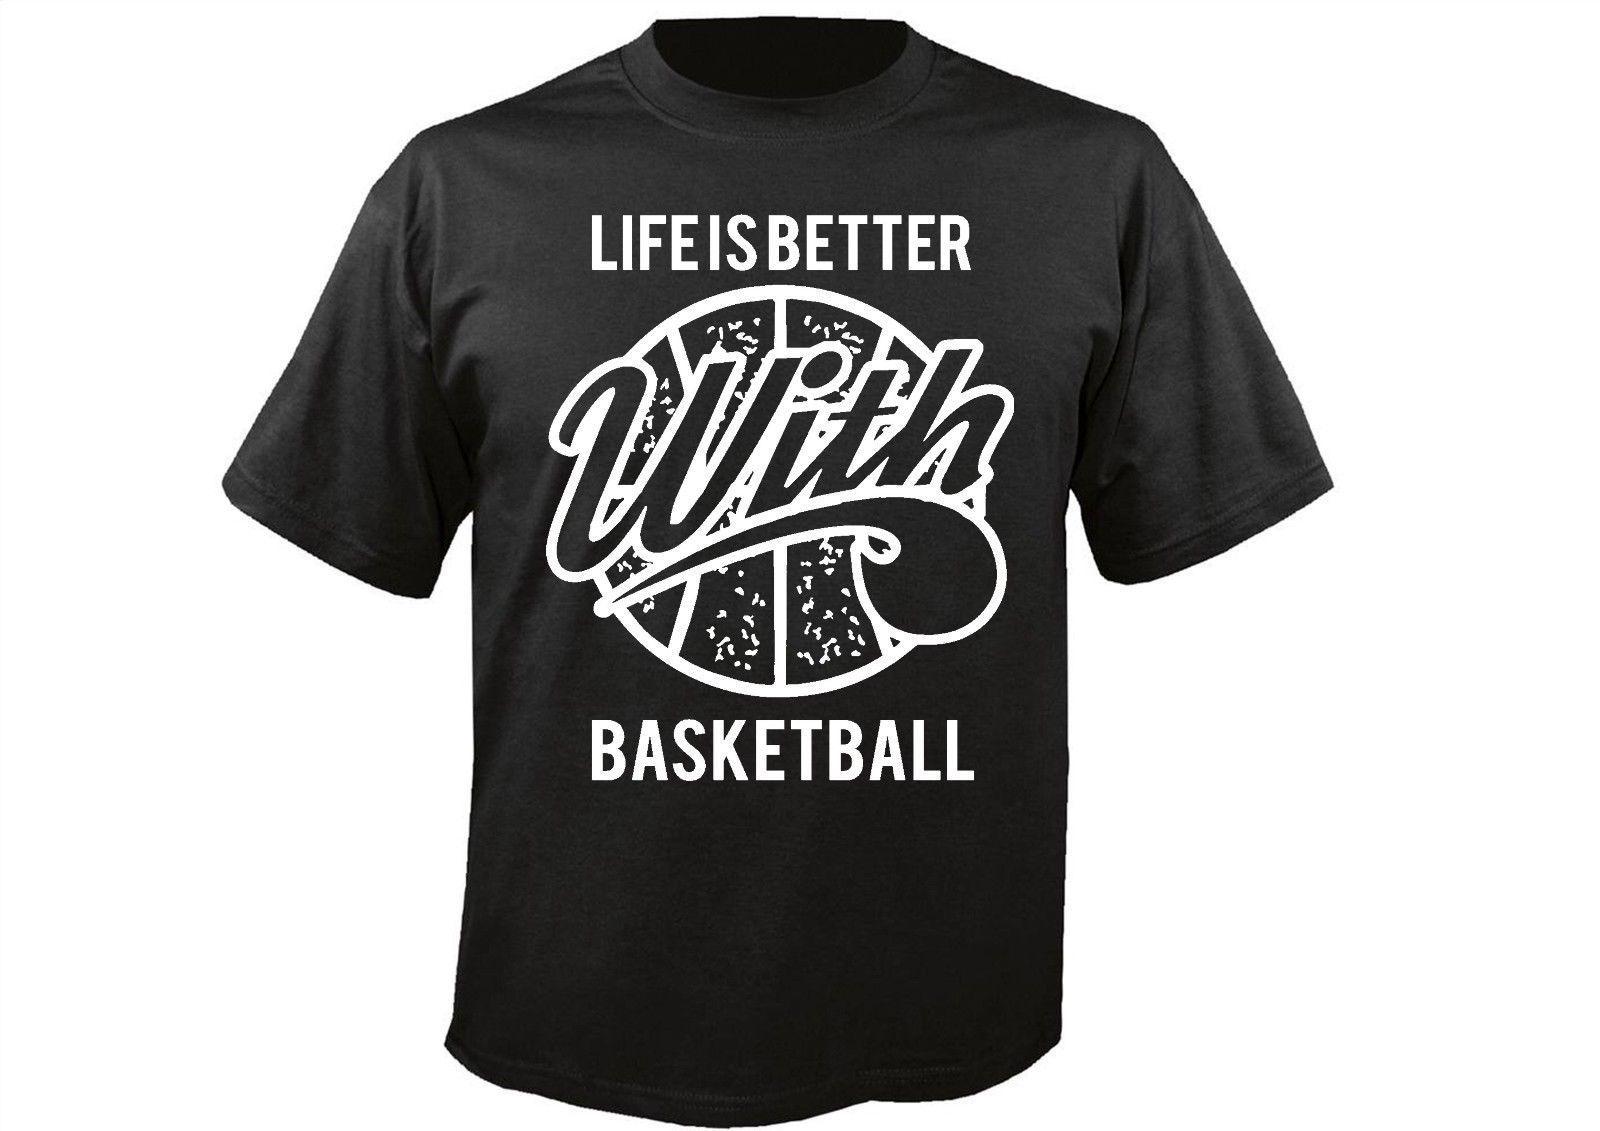 La camiseta masculina más vendida La vida es mejor con Basketballer Envío rápido Camiseta de verano gratis